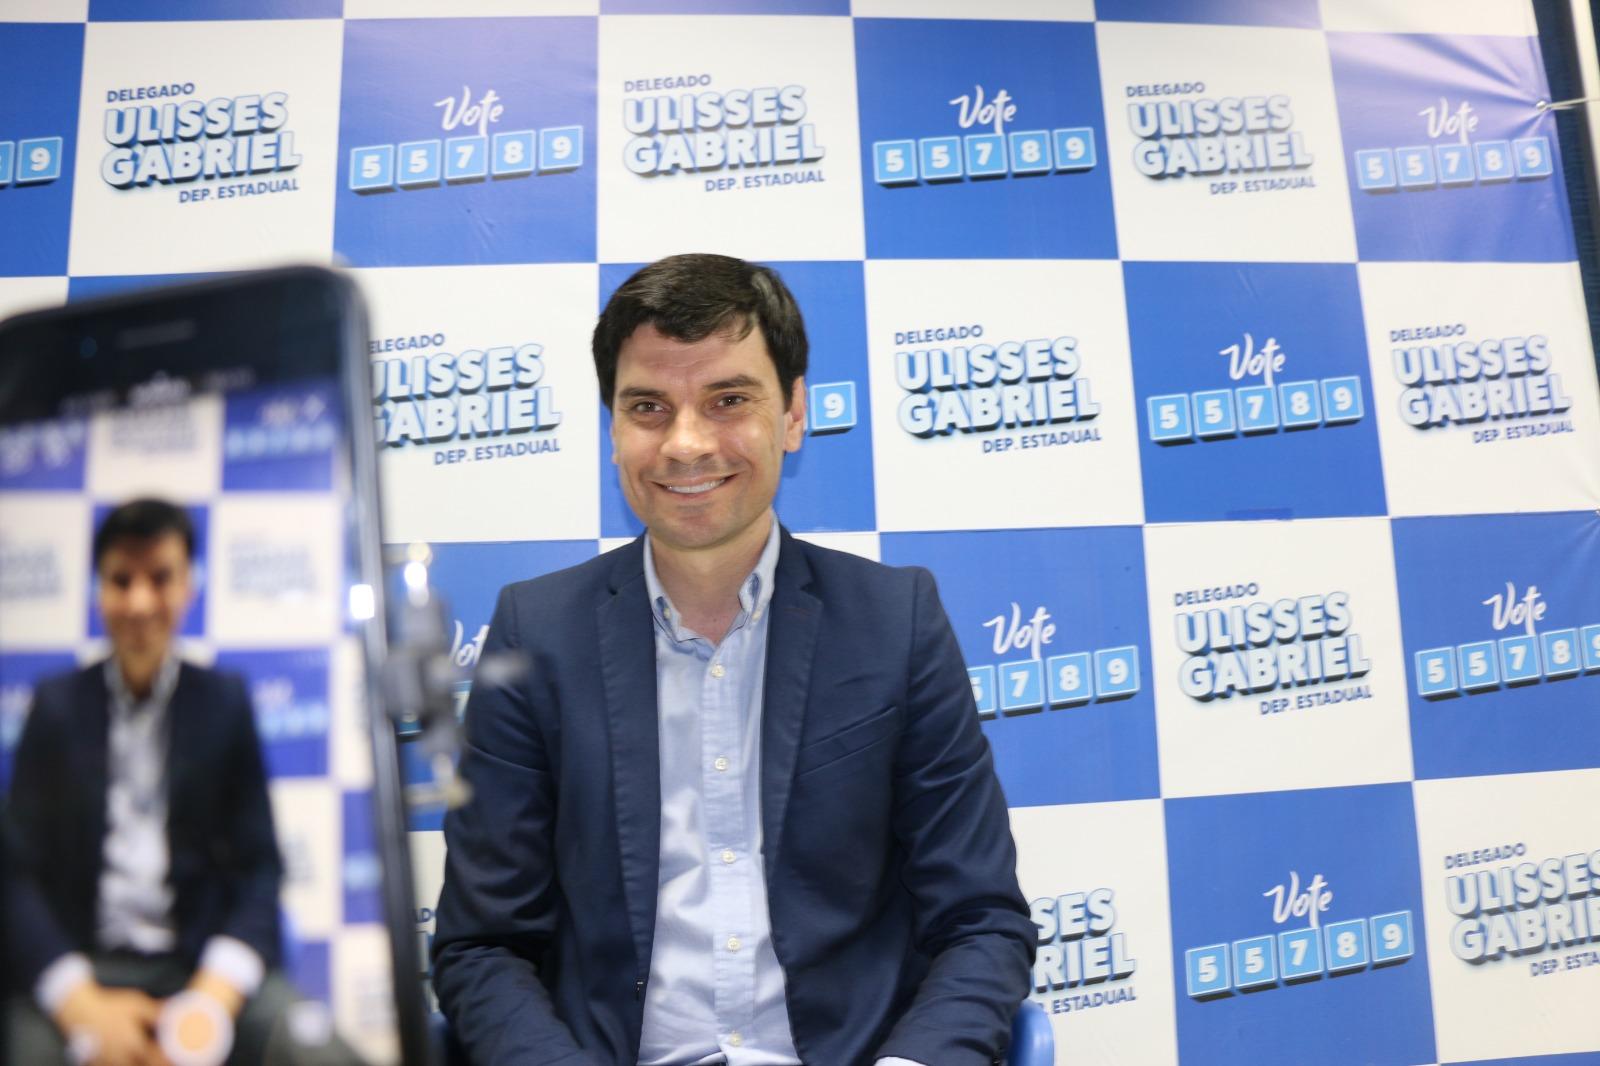 Delegado Ulisses Gabriel desponta nas redes sociais com transmissão ao vivo de propostas